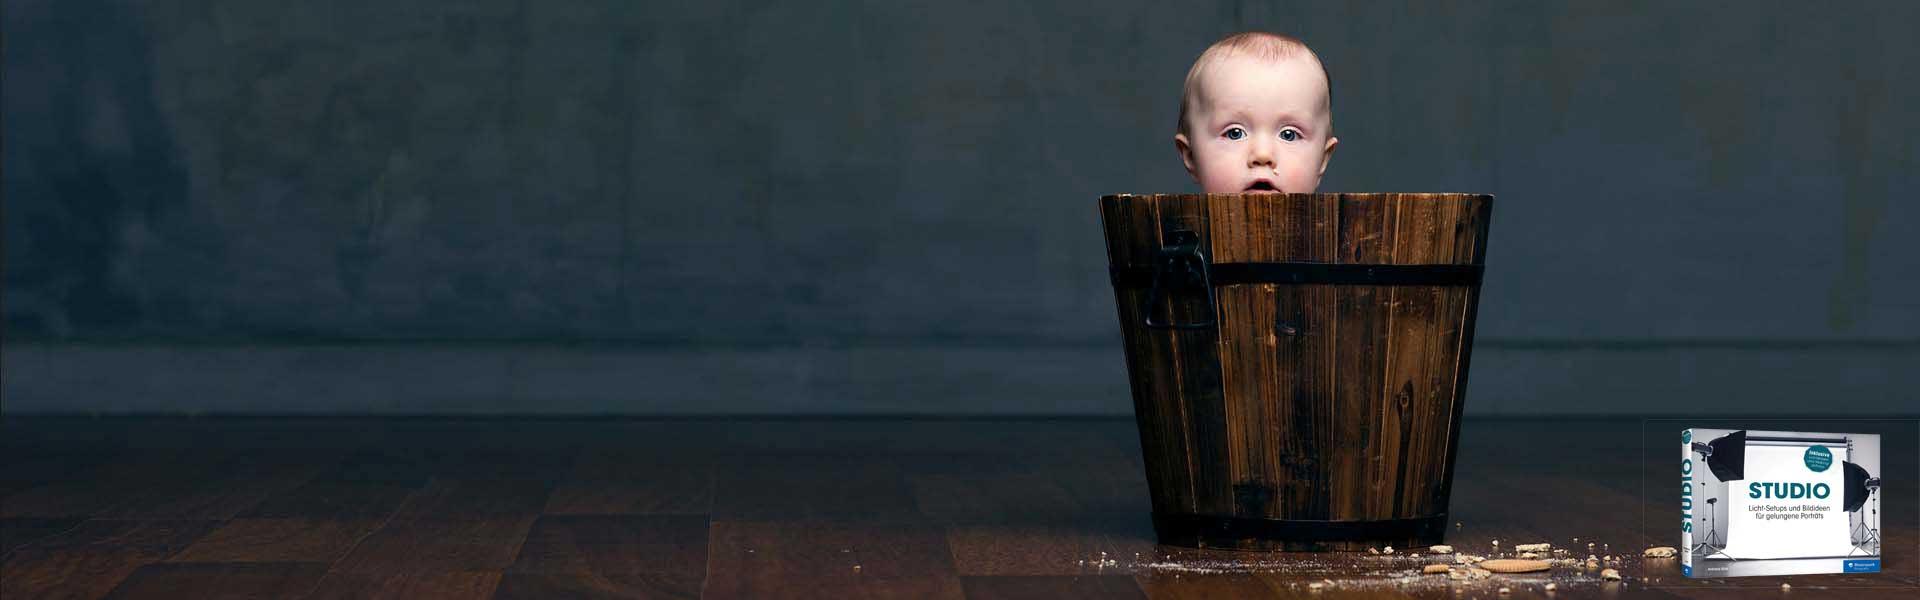 baby kinder fotografie